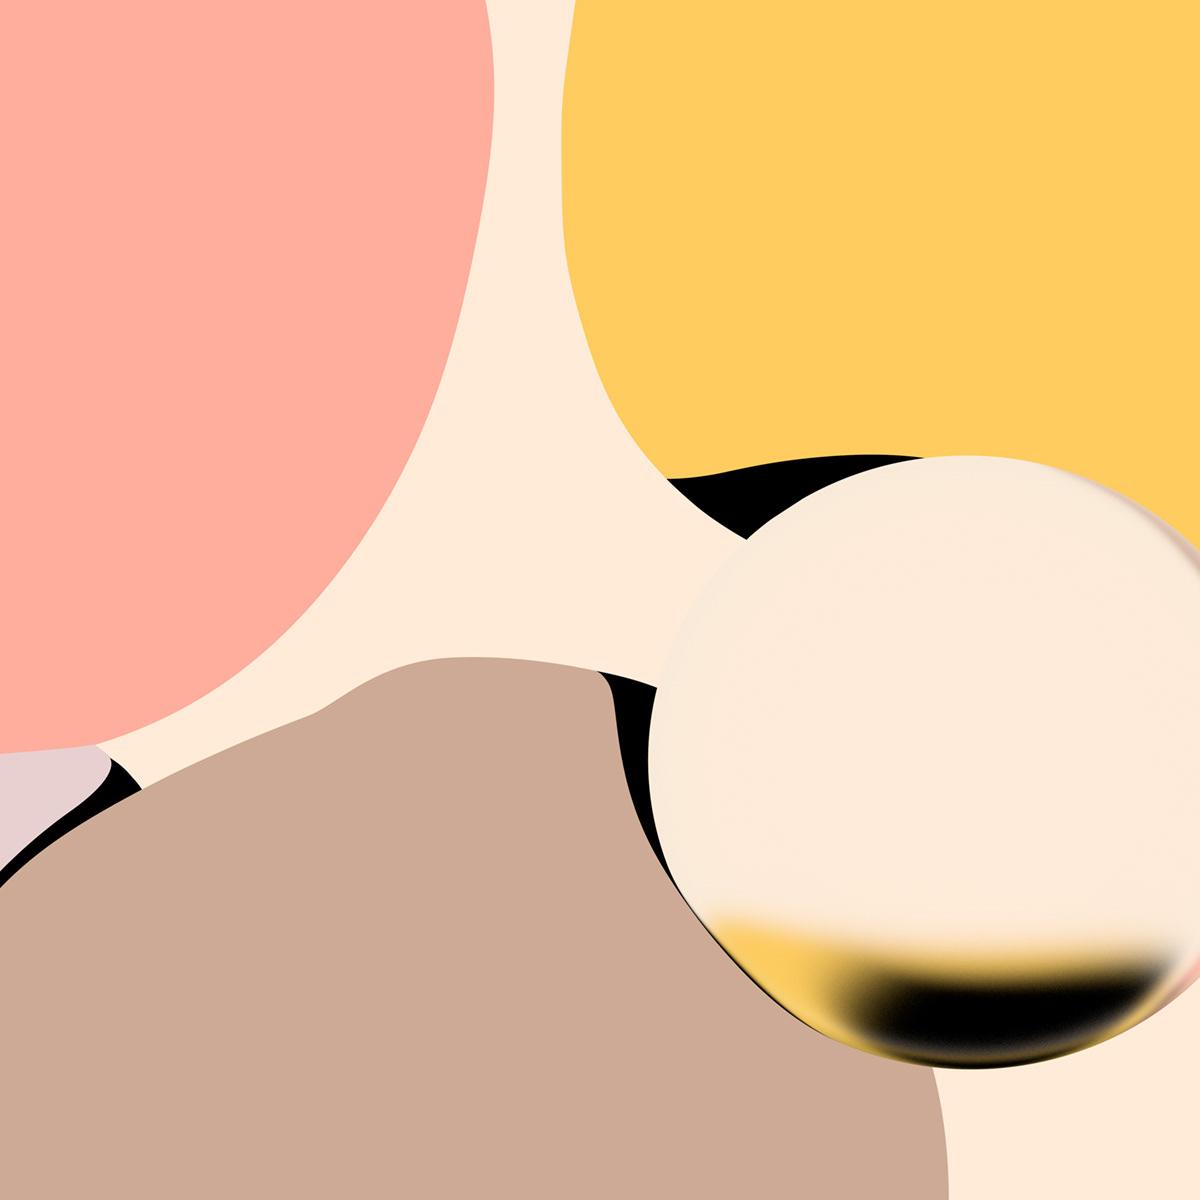 Kleuren, lichten en vormen geven harmonie aan het werk van Pol Solà